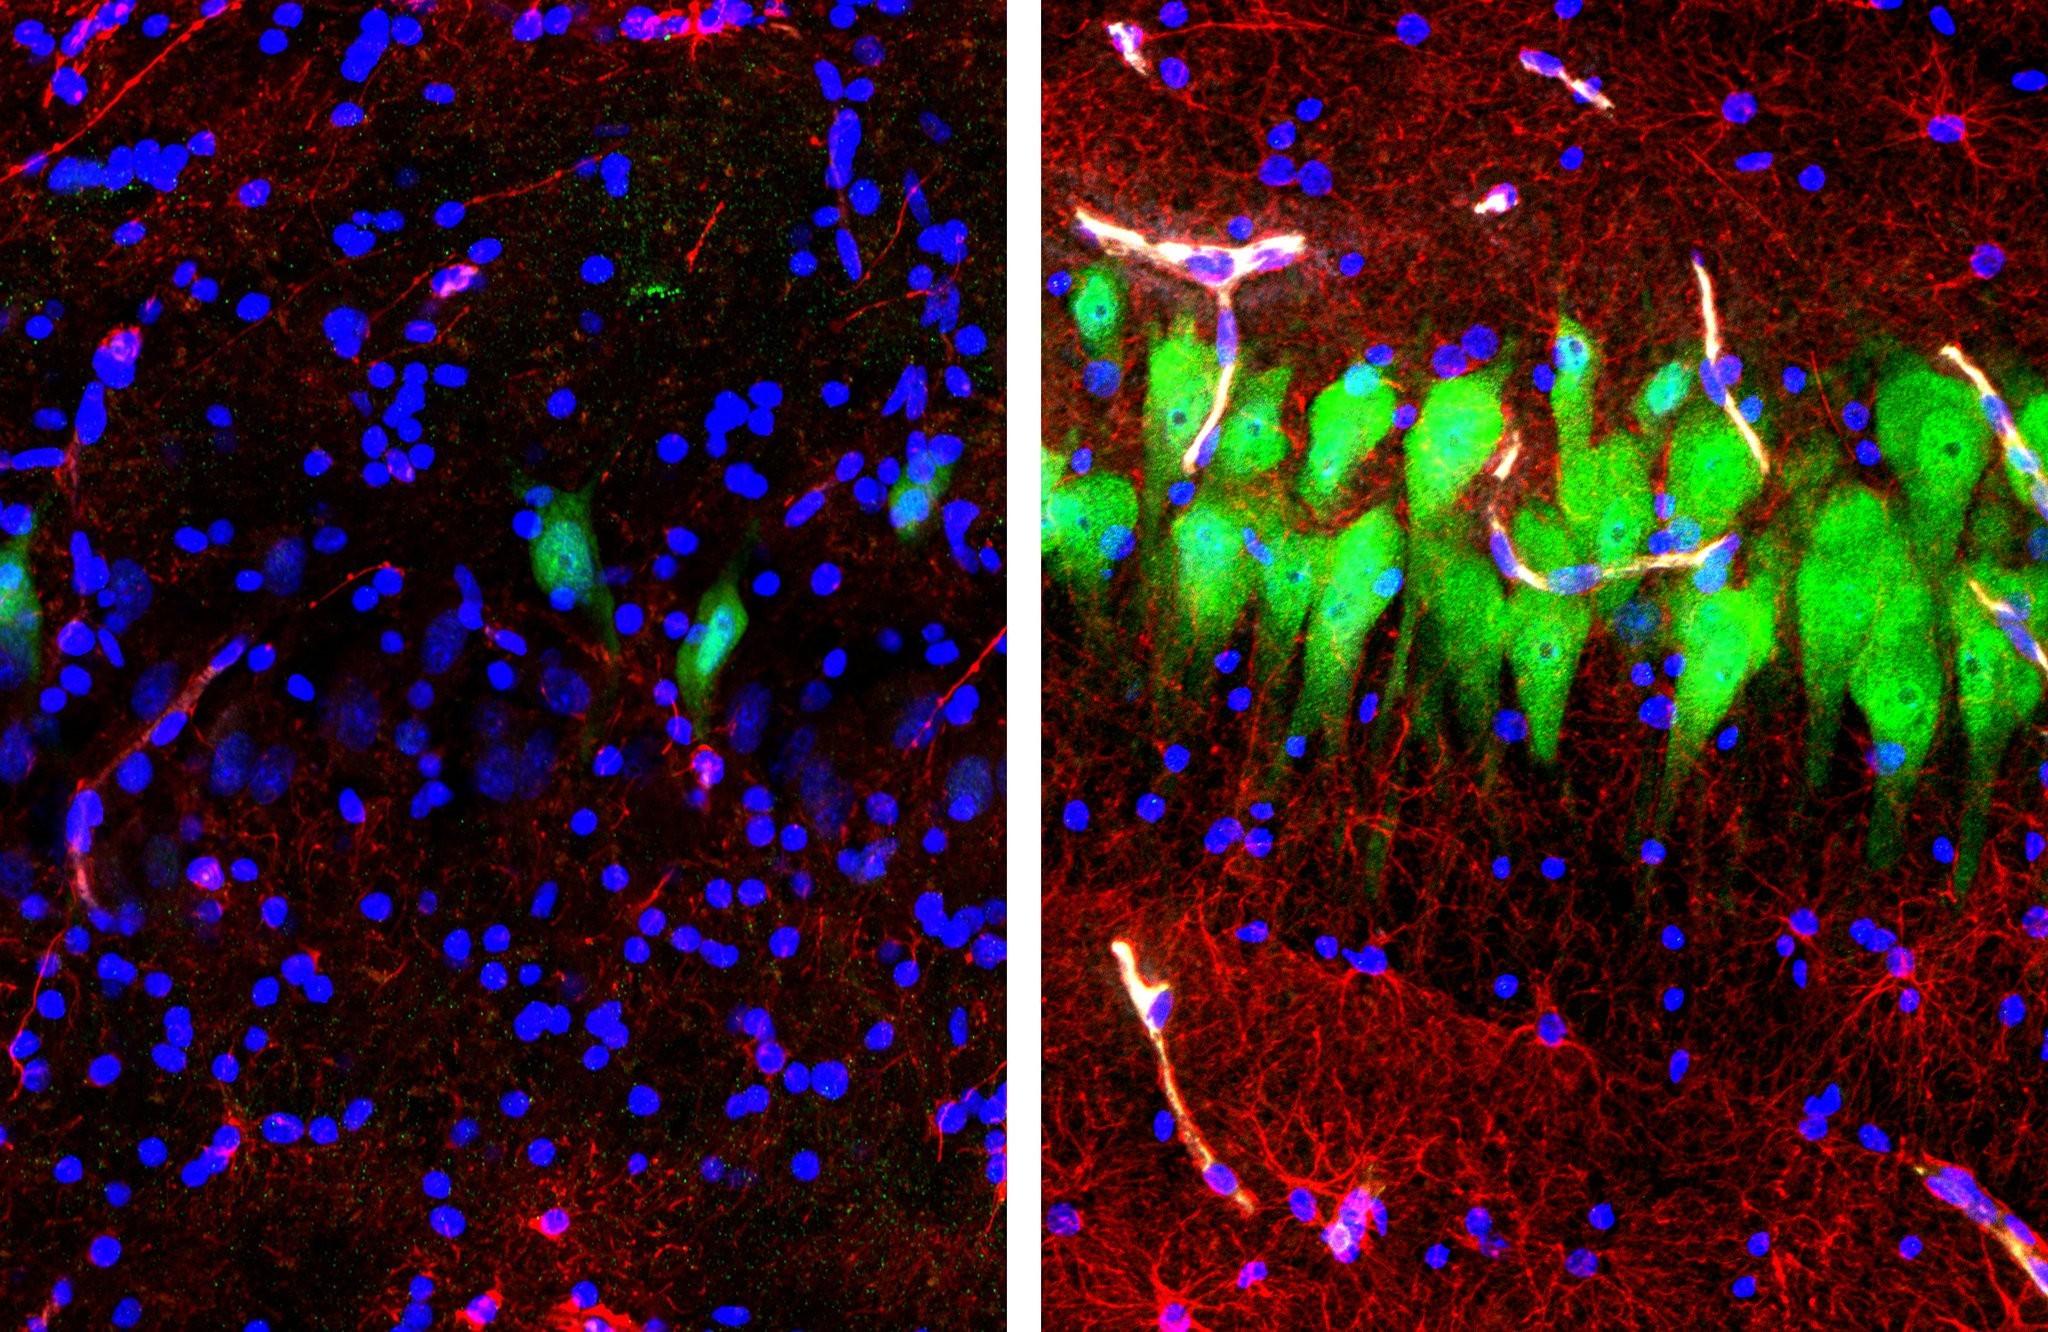 Neurônios ( verde), Astrócitos (vermelho), e núcleos de células (azul) nos cérebros de porcos. Na esquerda, tecido cerebral não tratado por 10 horas após a morte; na direita, tecido cerebral sujeito ao experimento  (Foto: Escola de Medicina da Universidade de Yale)